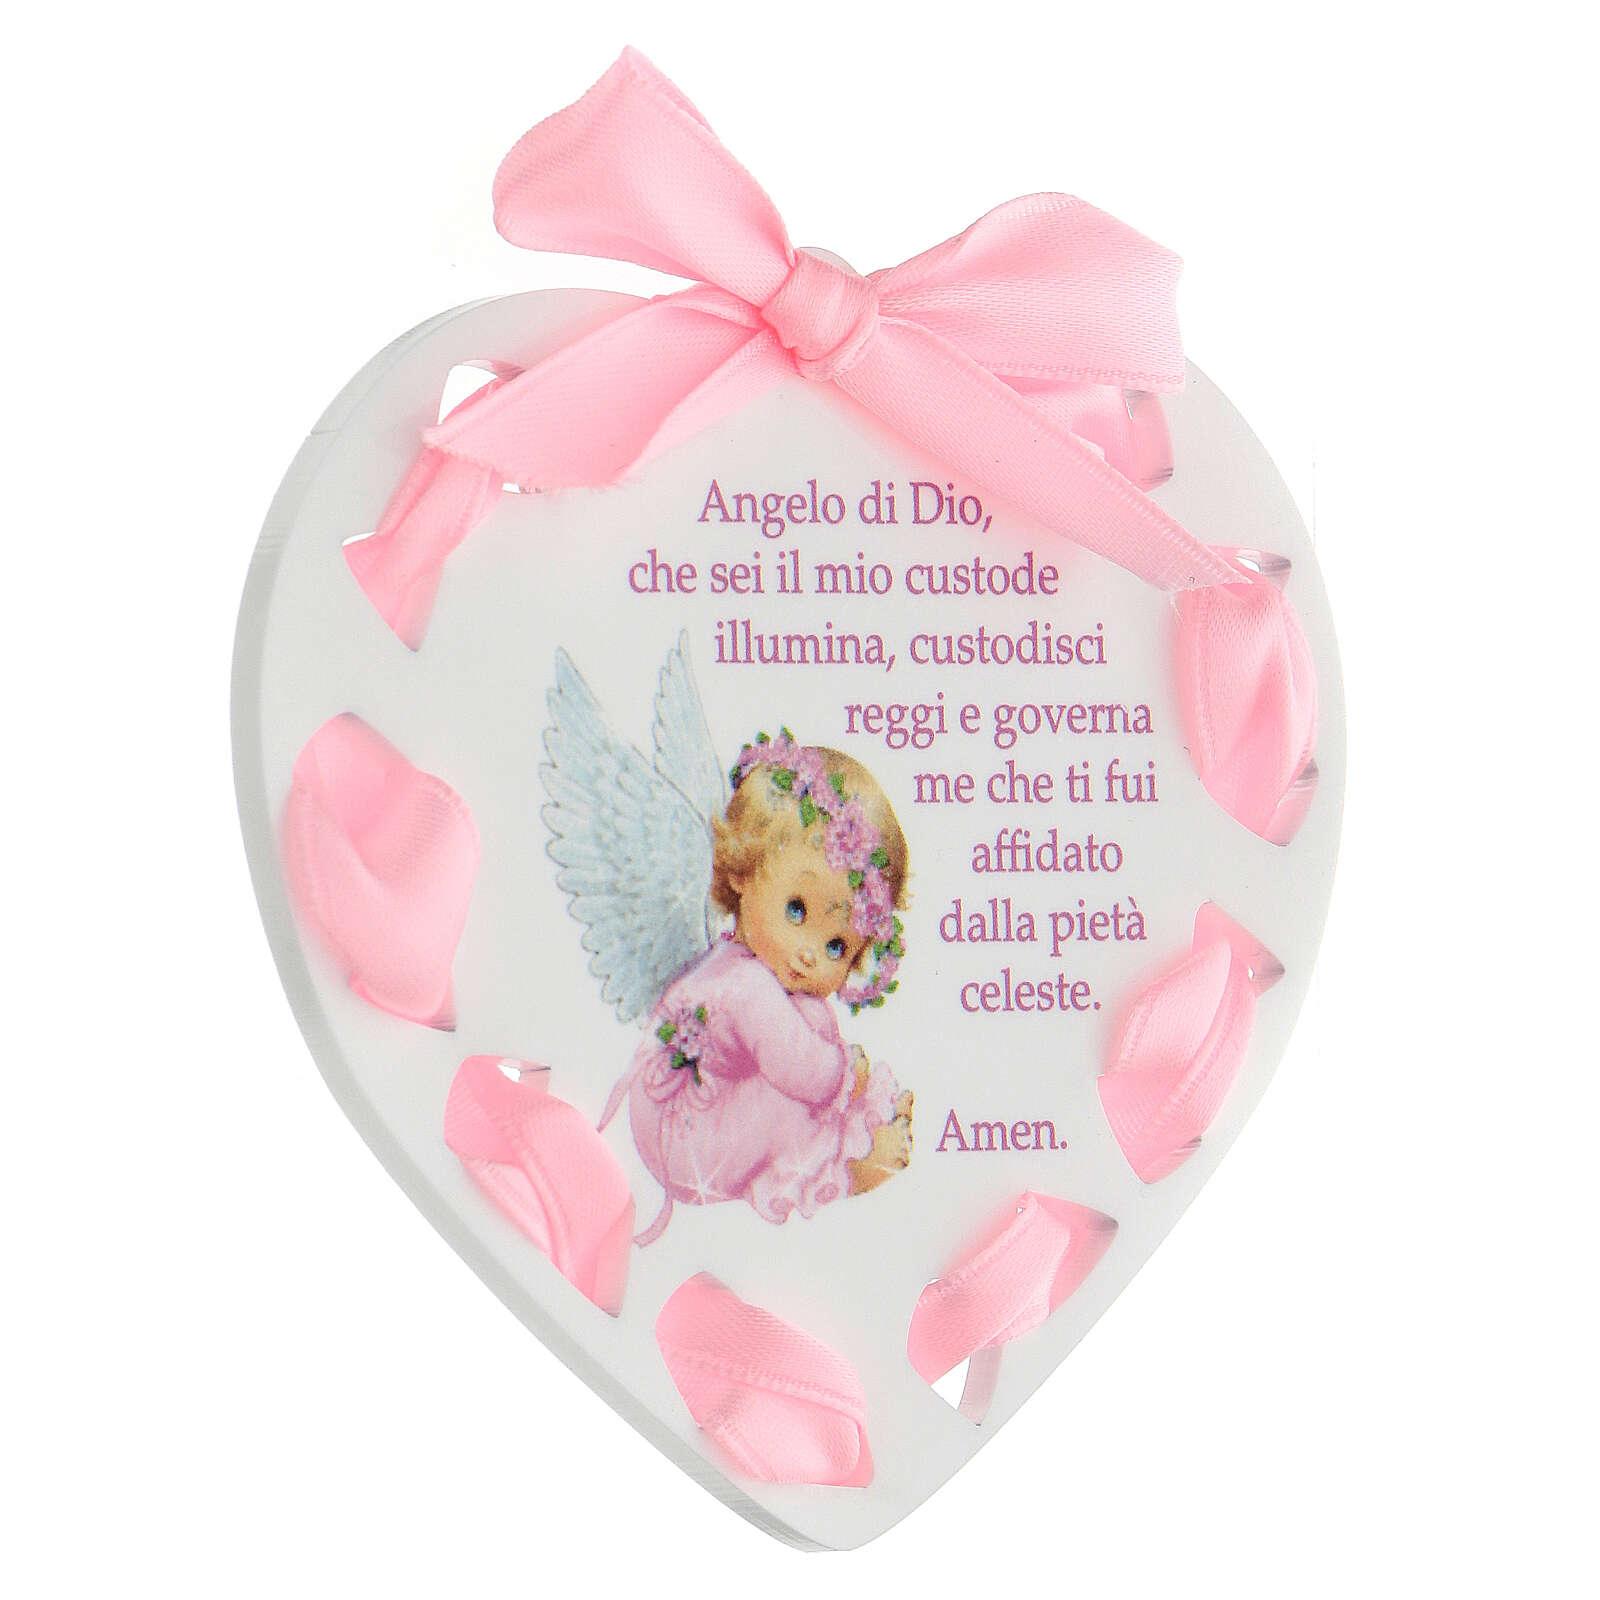 Sopraculla cuore bimba Angelo di Dio 4